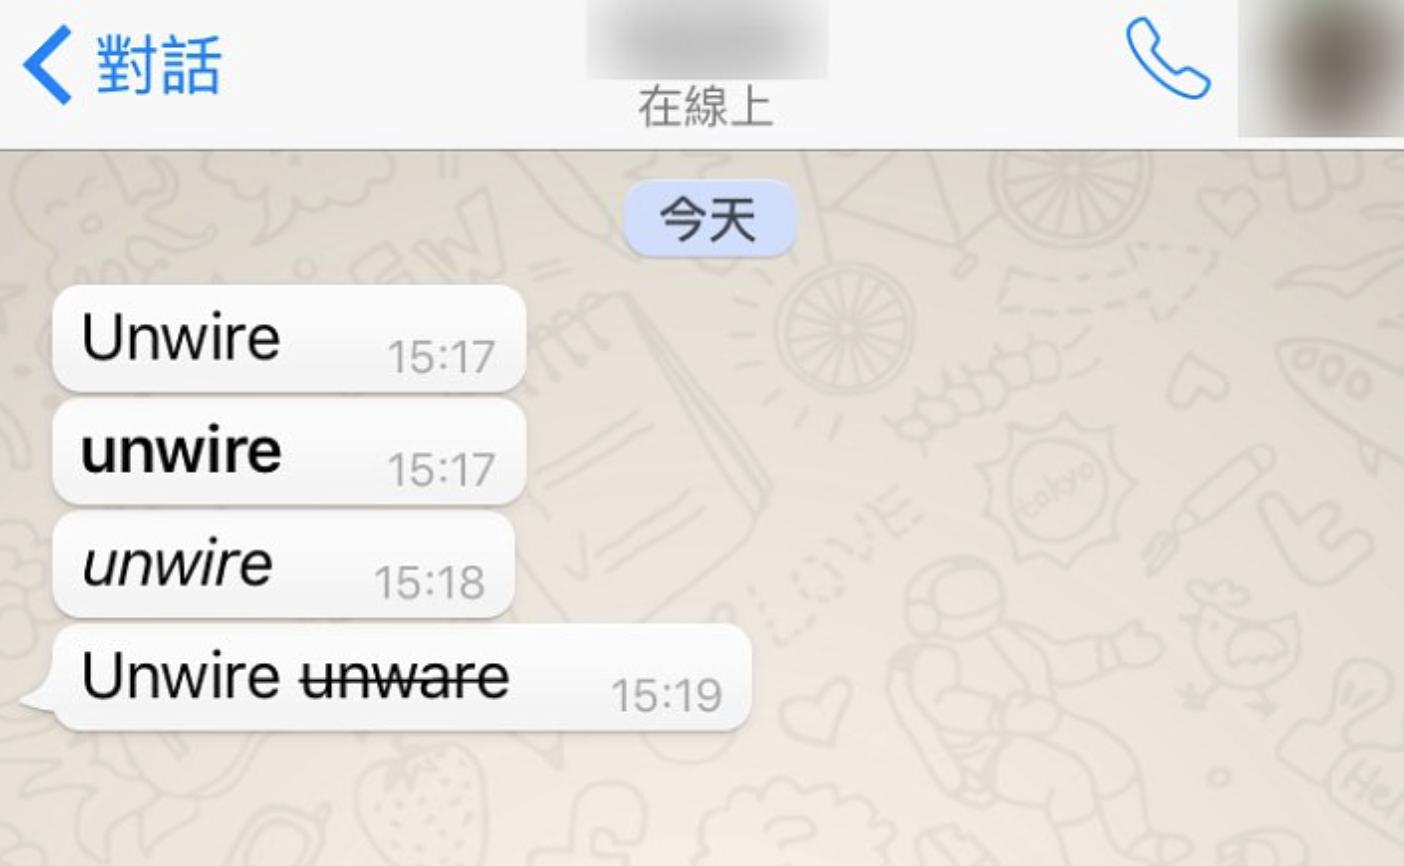 WhatsApp 秘技!教你點打粗體、斜體、刪除字